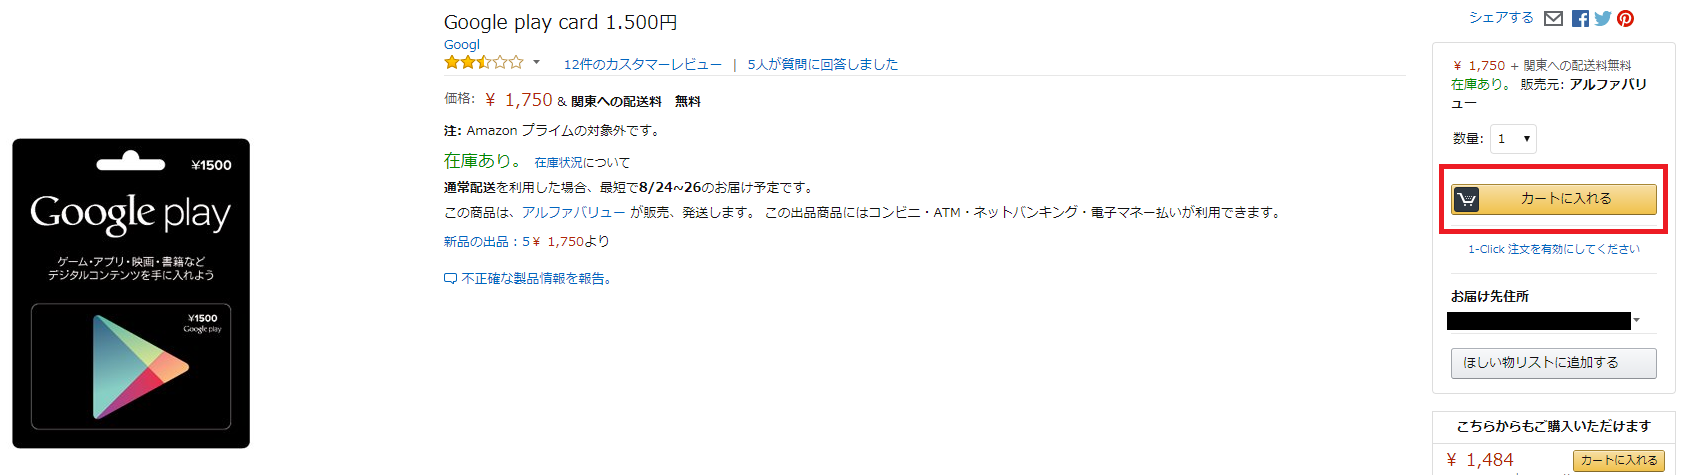 GooglePlayギフトカード購入手順3